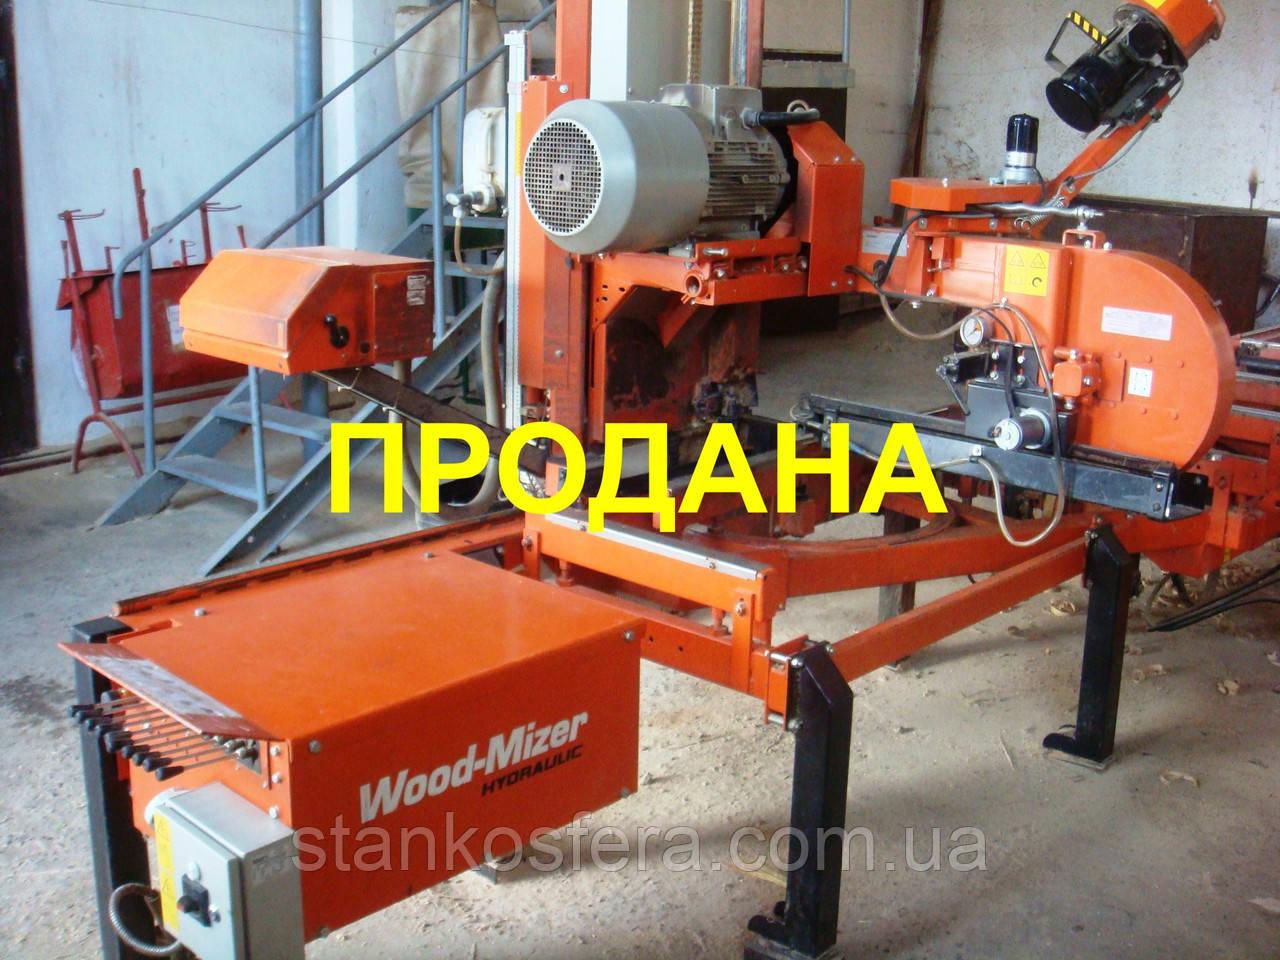 Стрічкова пилорама б/у Wood-Mizer LT40 2008 року